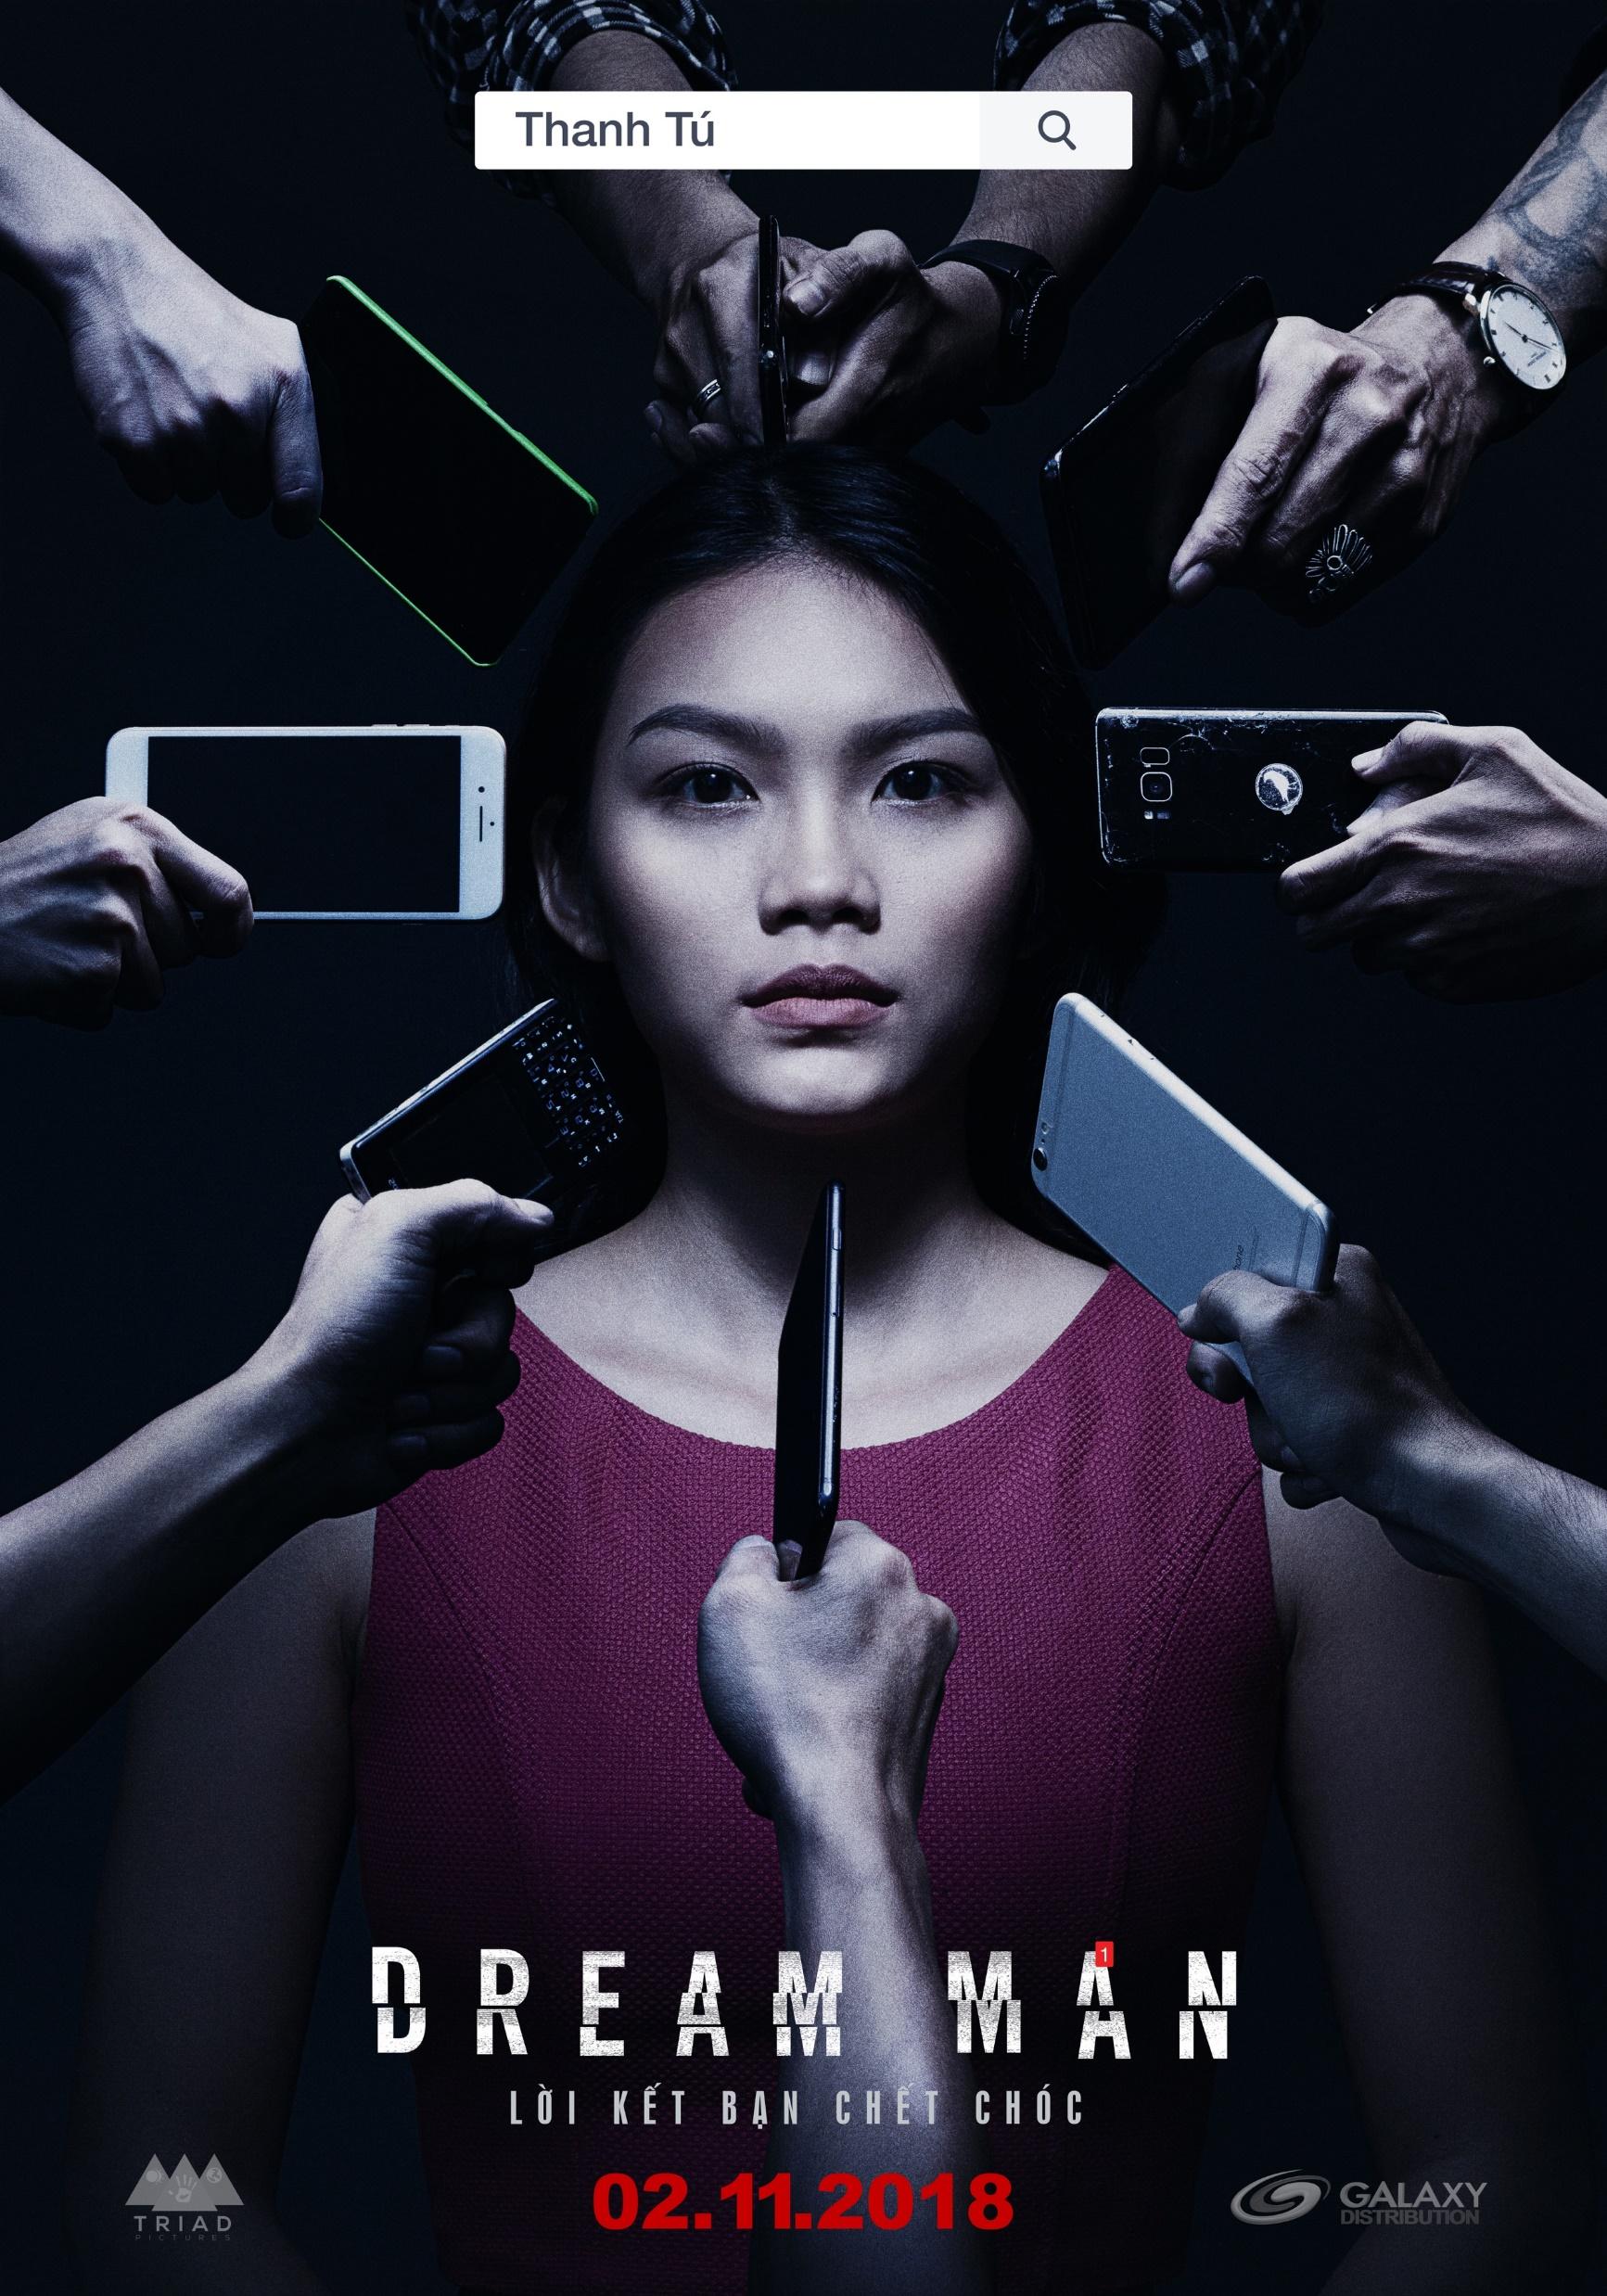 Thanh Tú - hotgirl có cái chết ma mị, ảo diệu trong Dream Man – Lời Kết Bạn Chết Chóc - Ảnh 1.